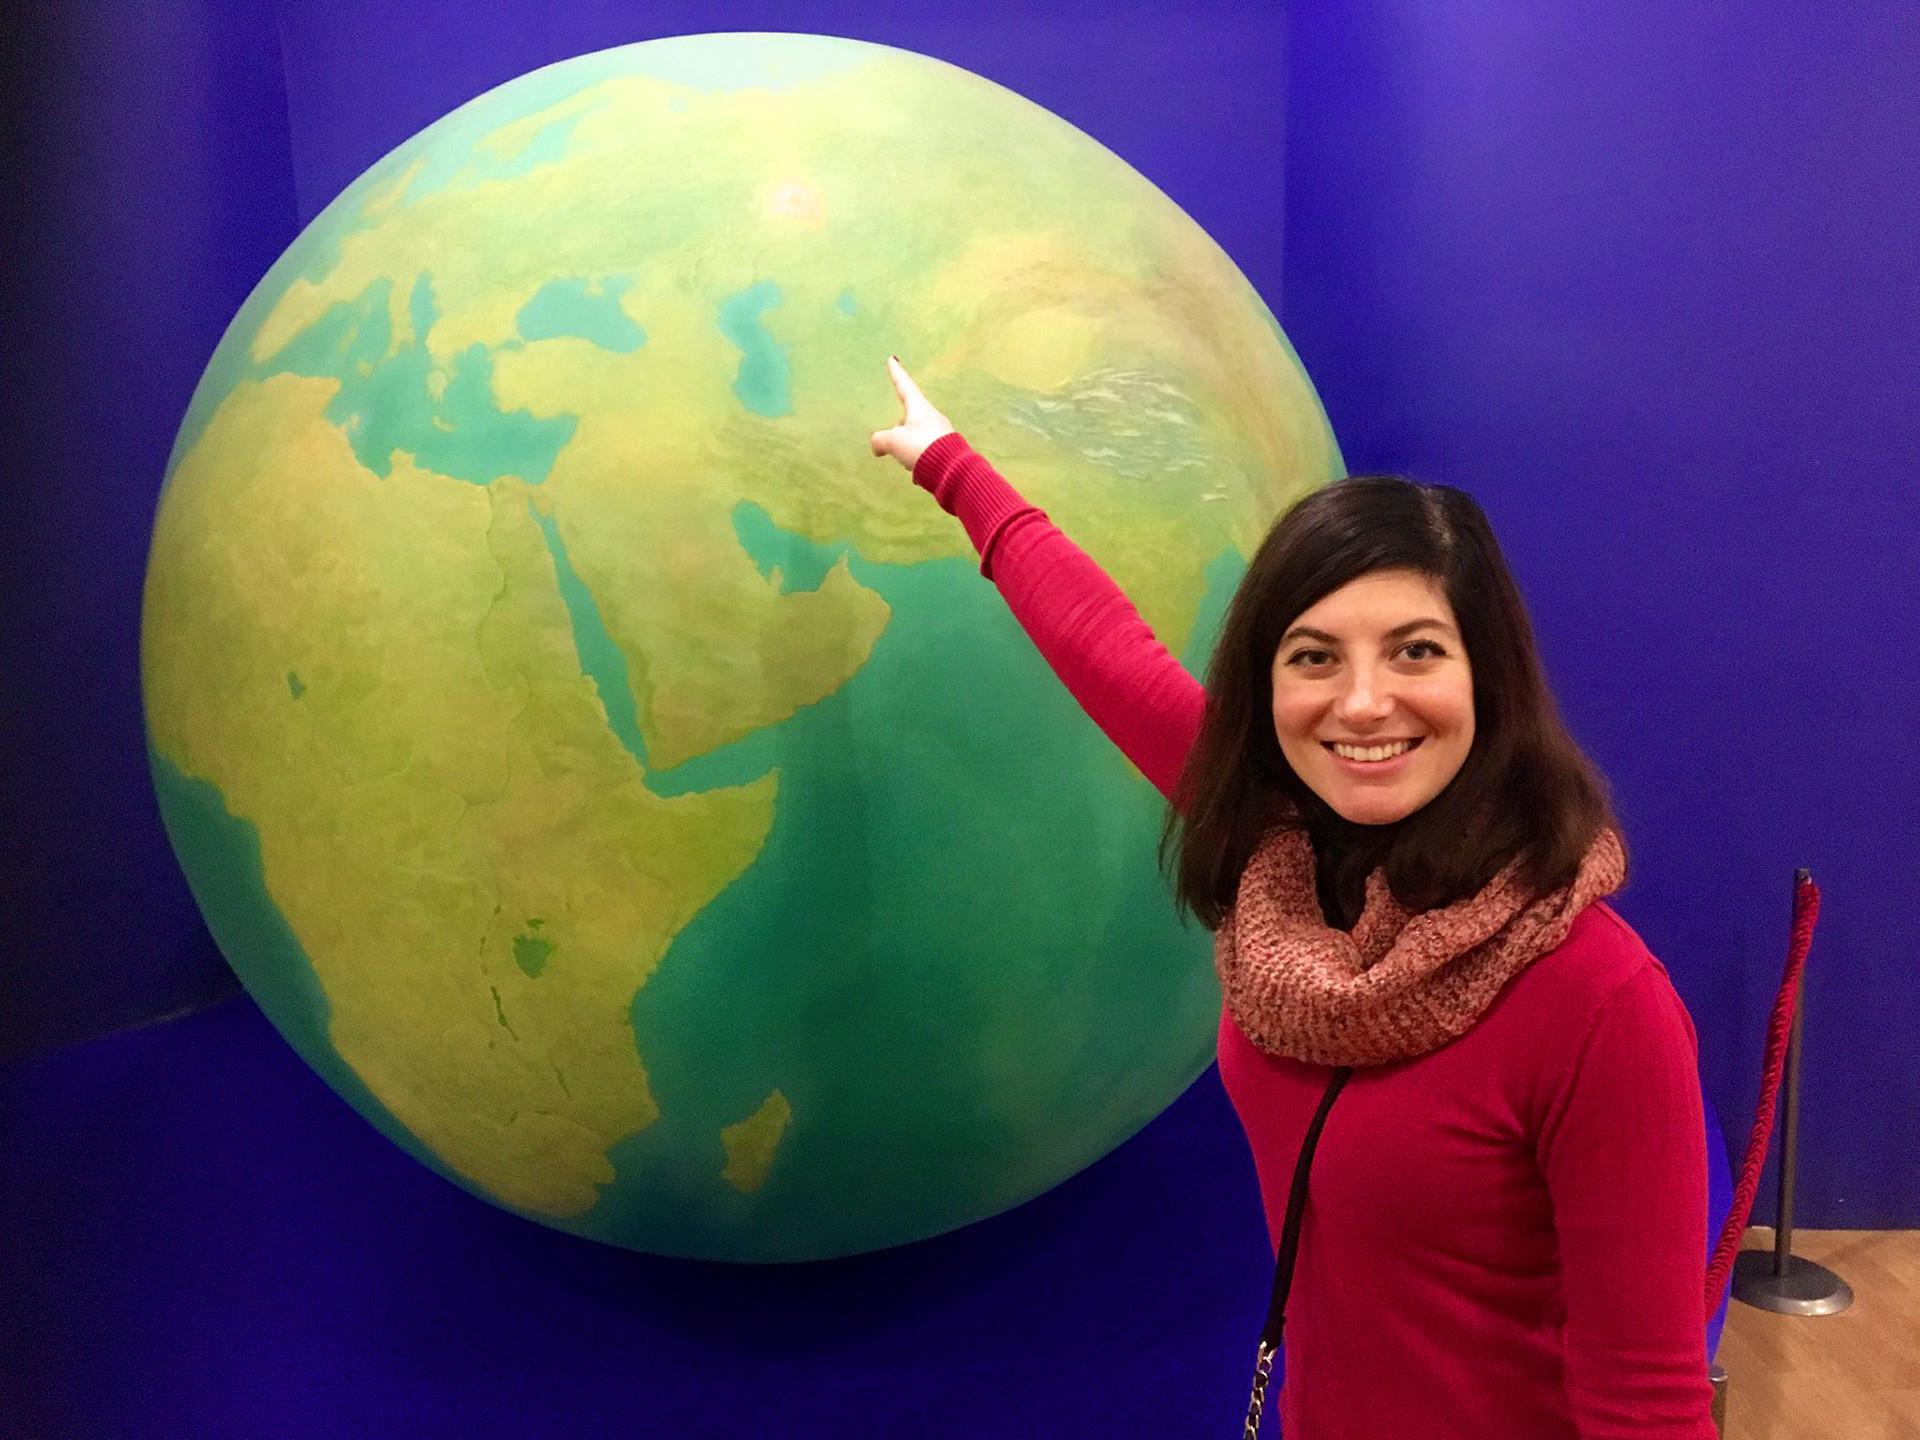 A italiana Francesca Loche, professora na Escola Superior de Economia, mora em Moscou desde 2010.